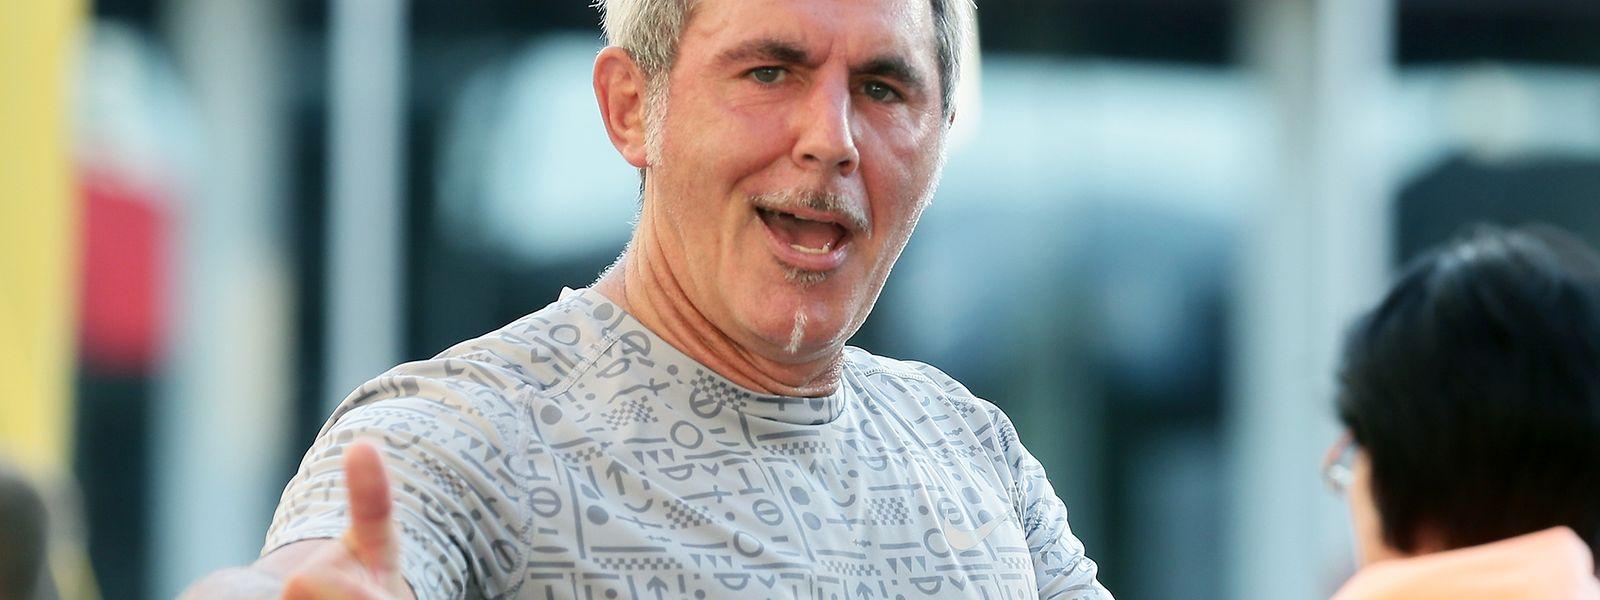 Im Wahlkampf greifen die Parteien gerne auf bekannte Gesichter zurück. Dieses Jahr ging der ehemalige RTL-Moderator Nico Keiffer für die CSV auf Stimmenfang, jedoch mit mäßigem Erfolg.